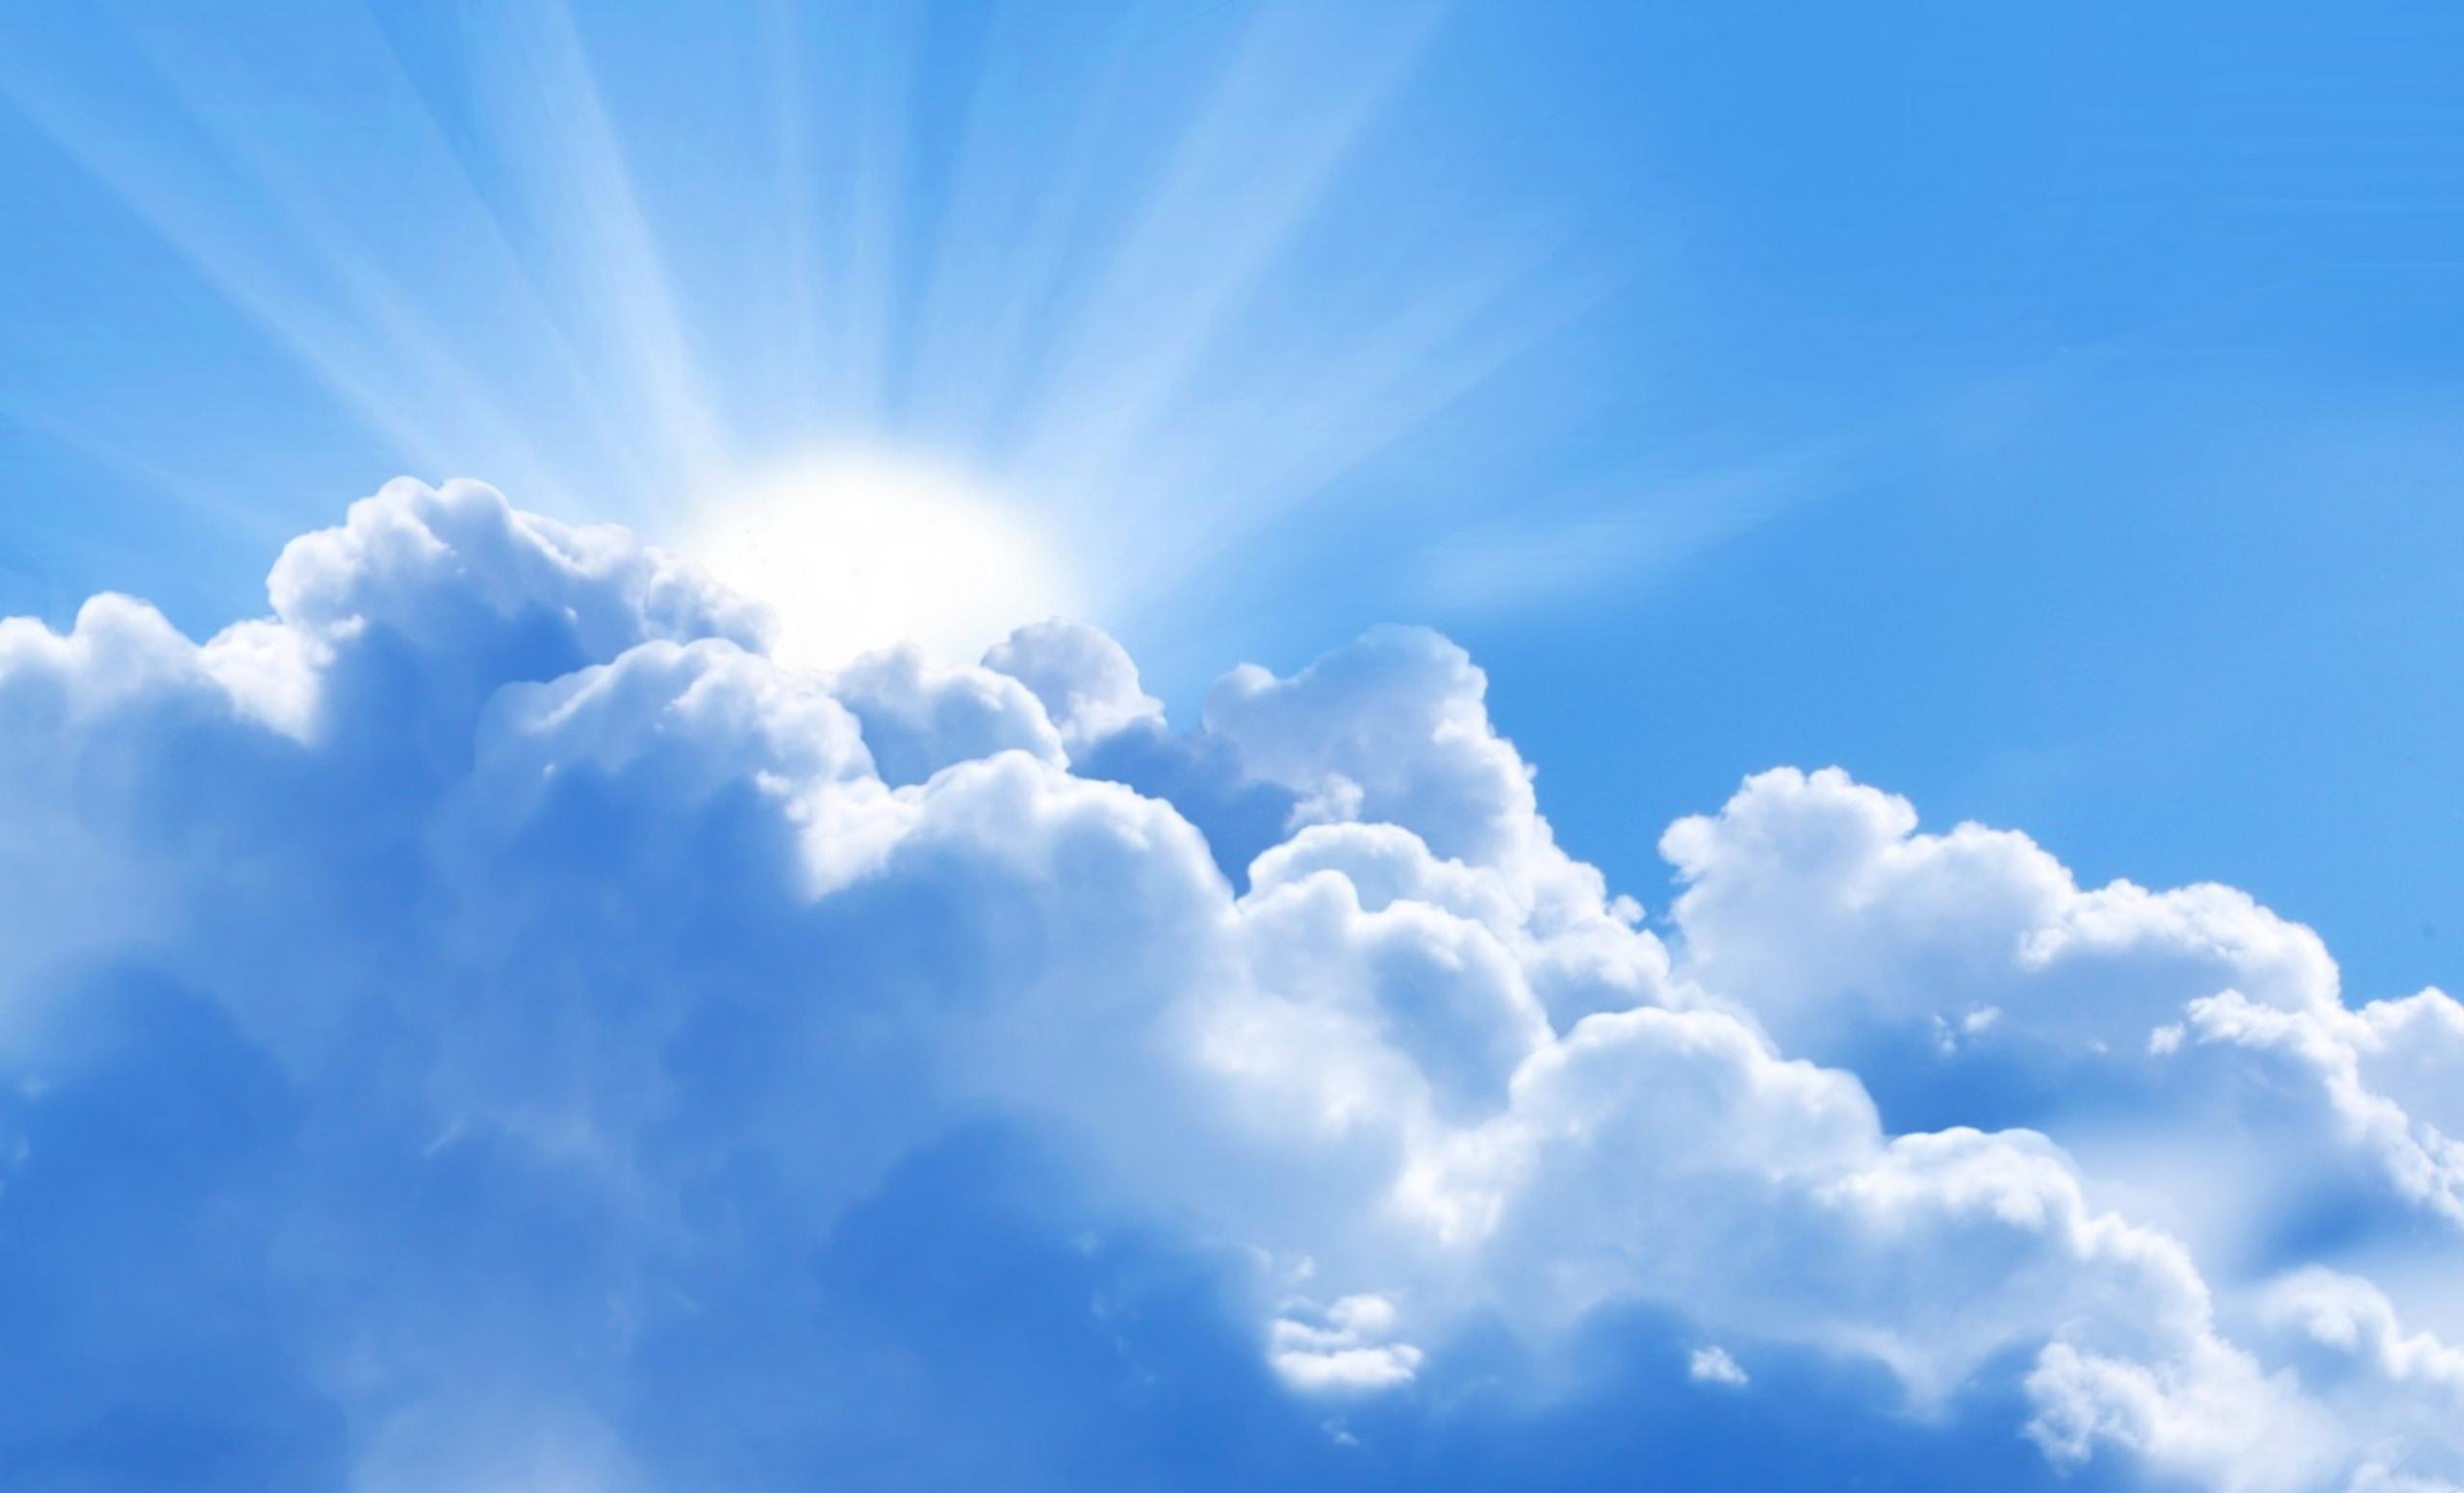 دمای استان یزد افزایش مییابد